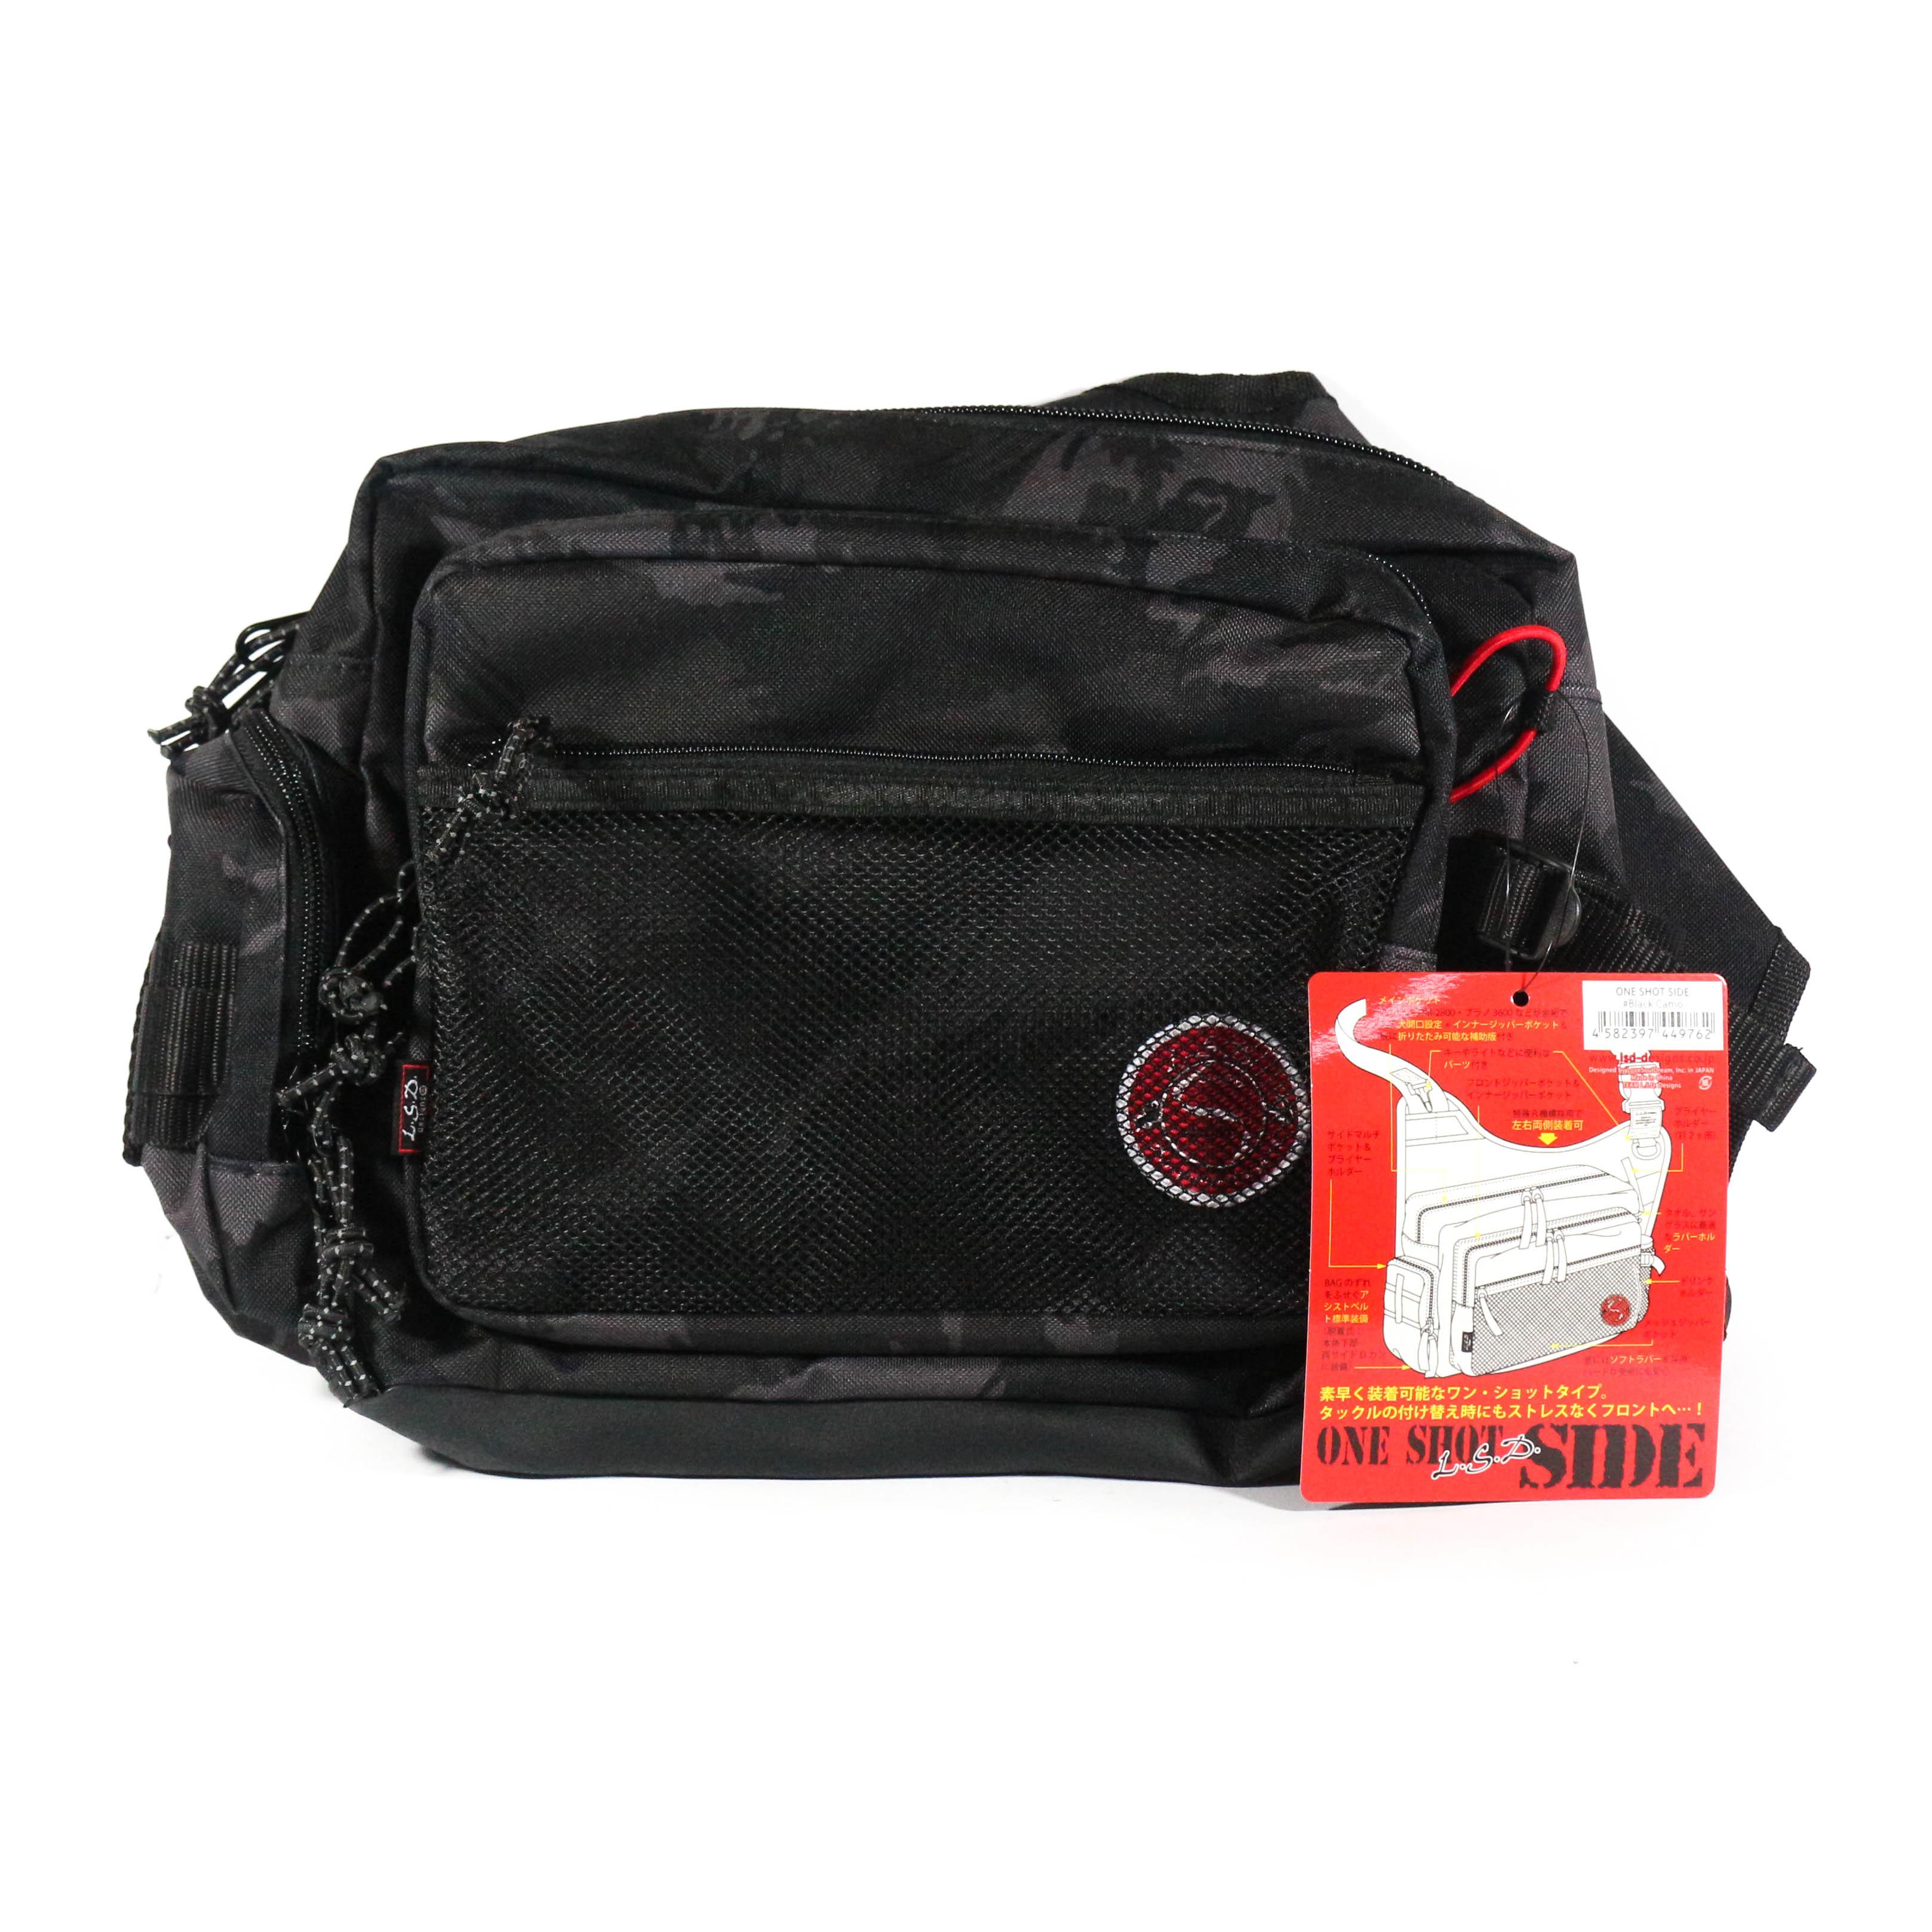 LSD One Shot Side Bag Black Camo 24 x 28.5 x 9.5 cm Black Camo (9762)